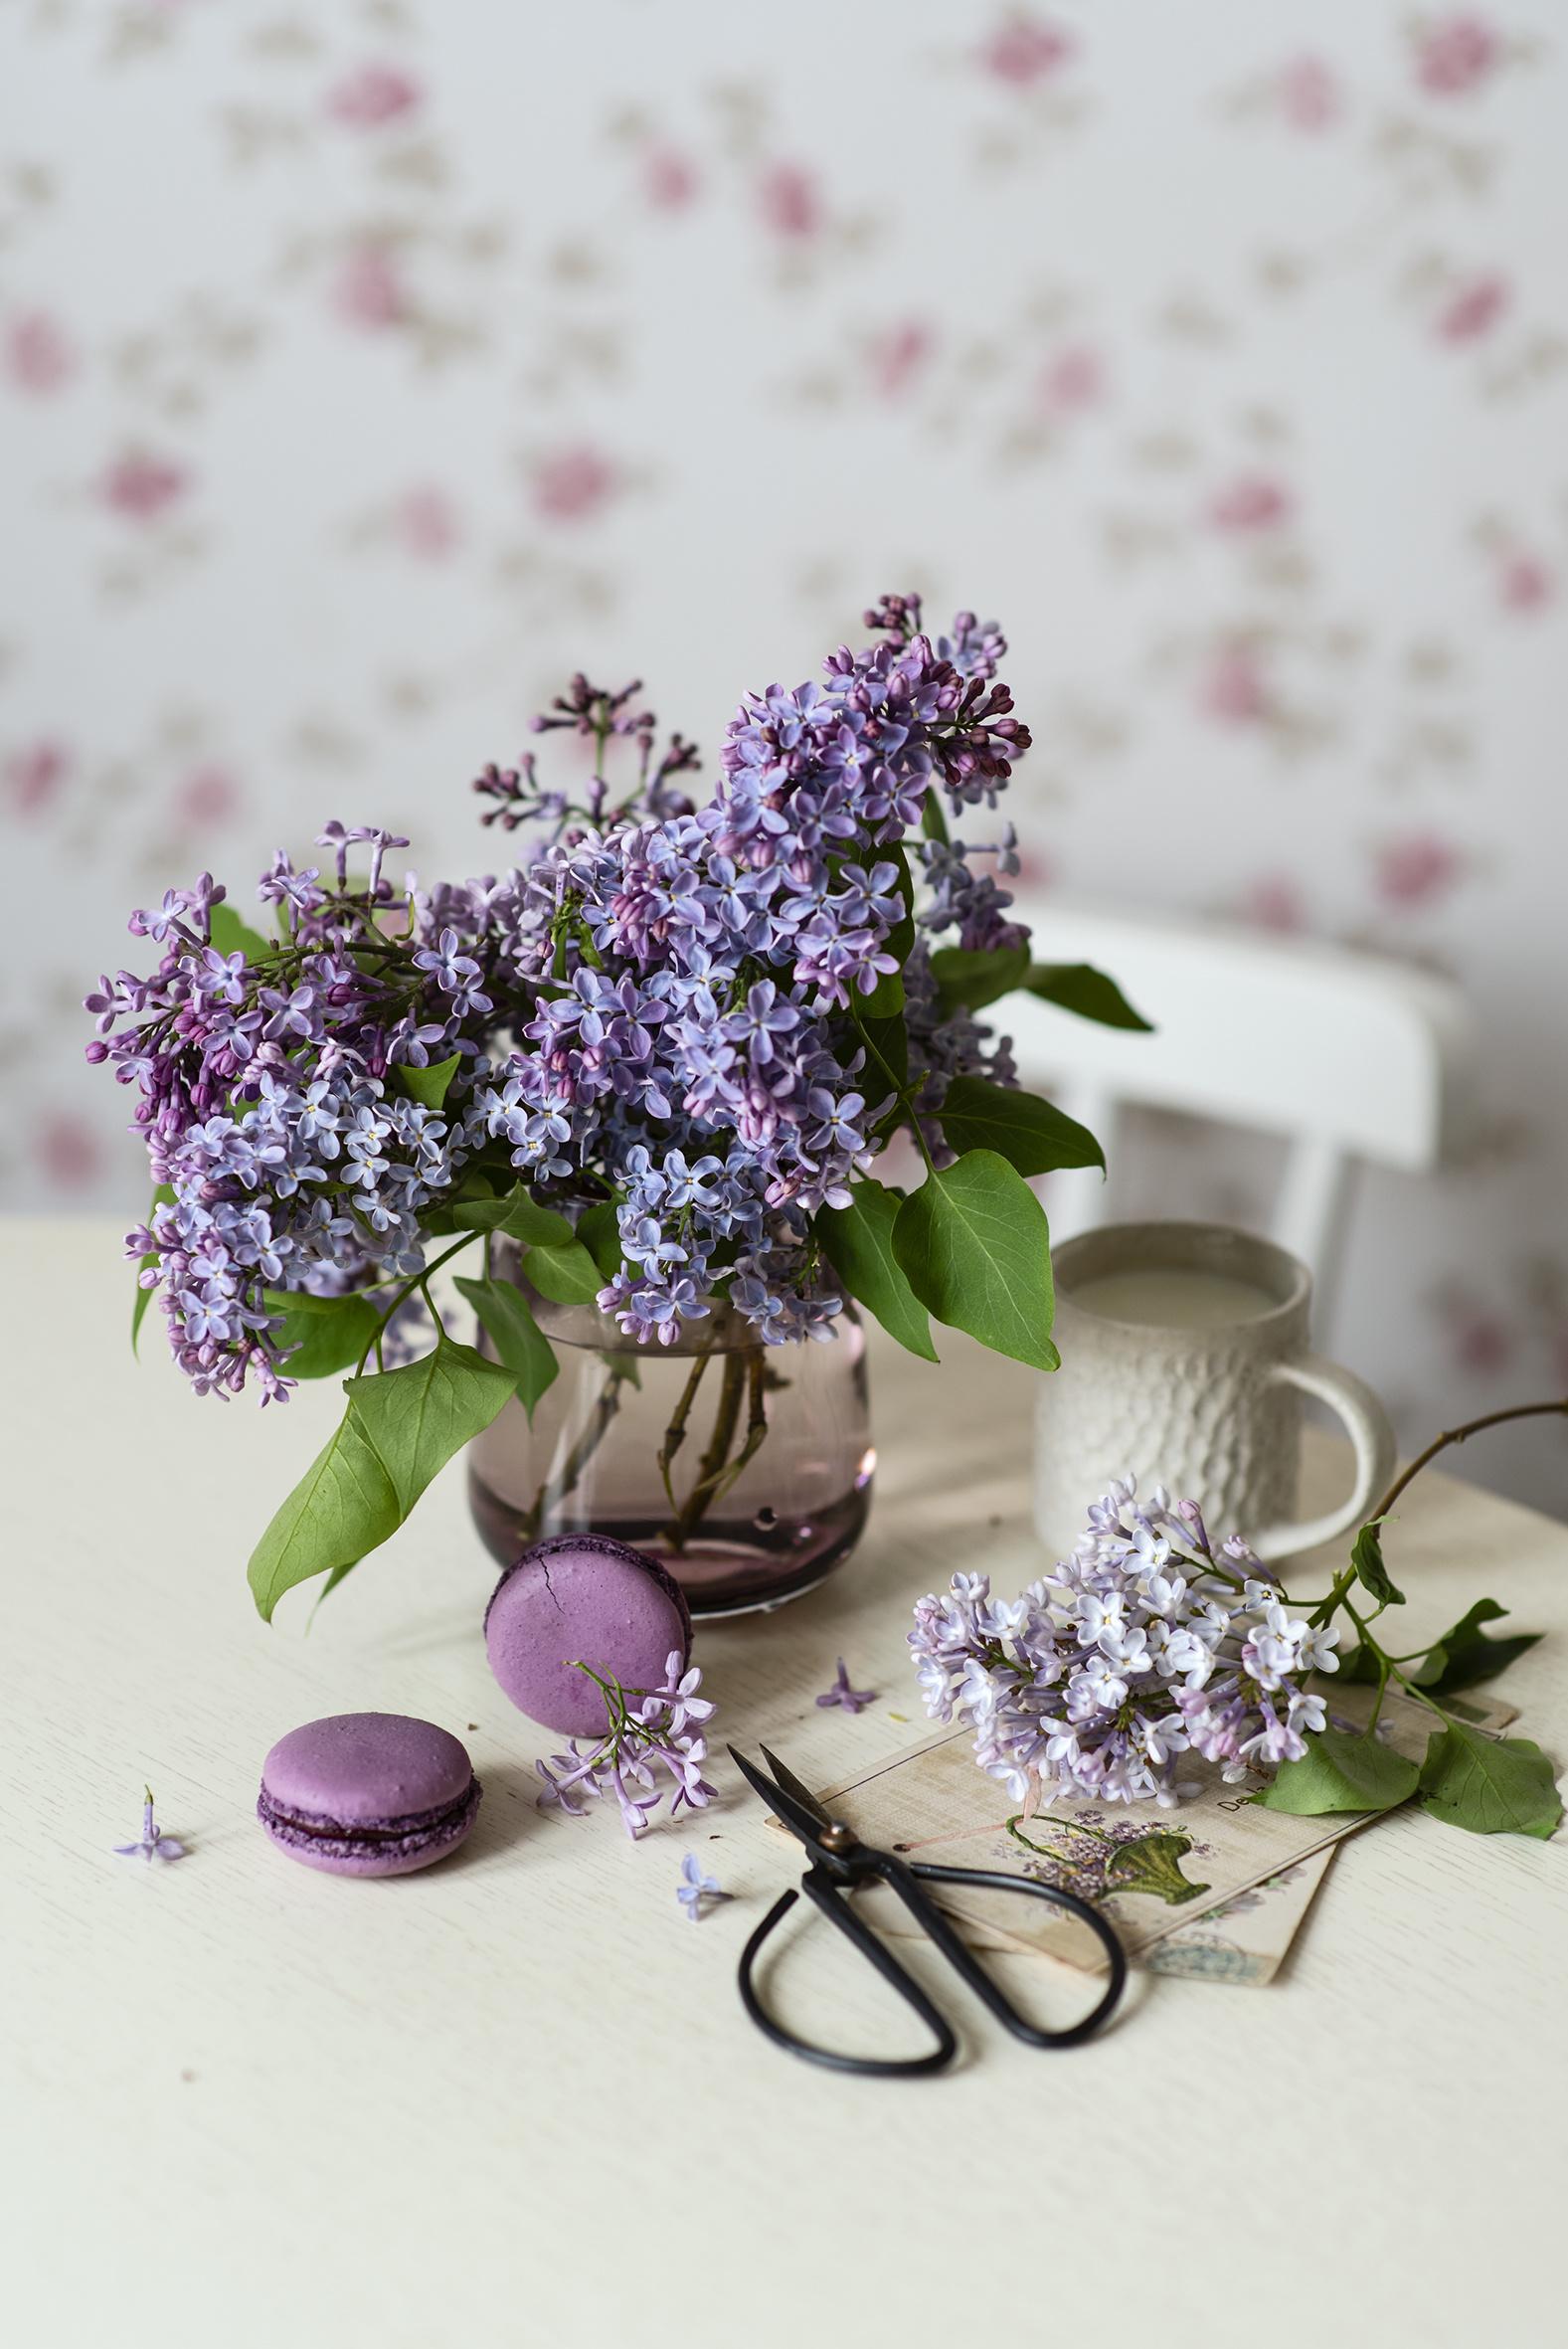 Bilder von macarons Blüte Flieder Ast Vase Tasse Lebensmittel Stillleben  für Handy Macaron Blumen Syringa das Essen